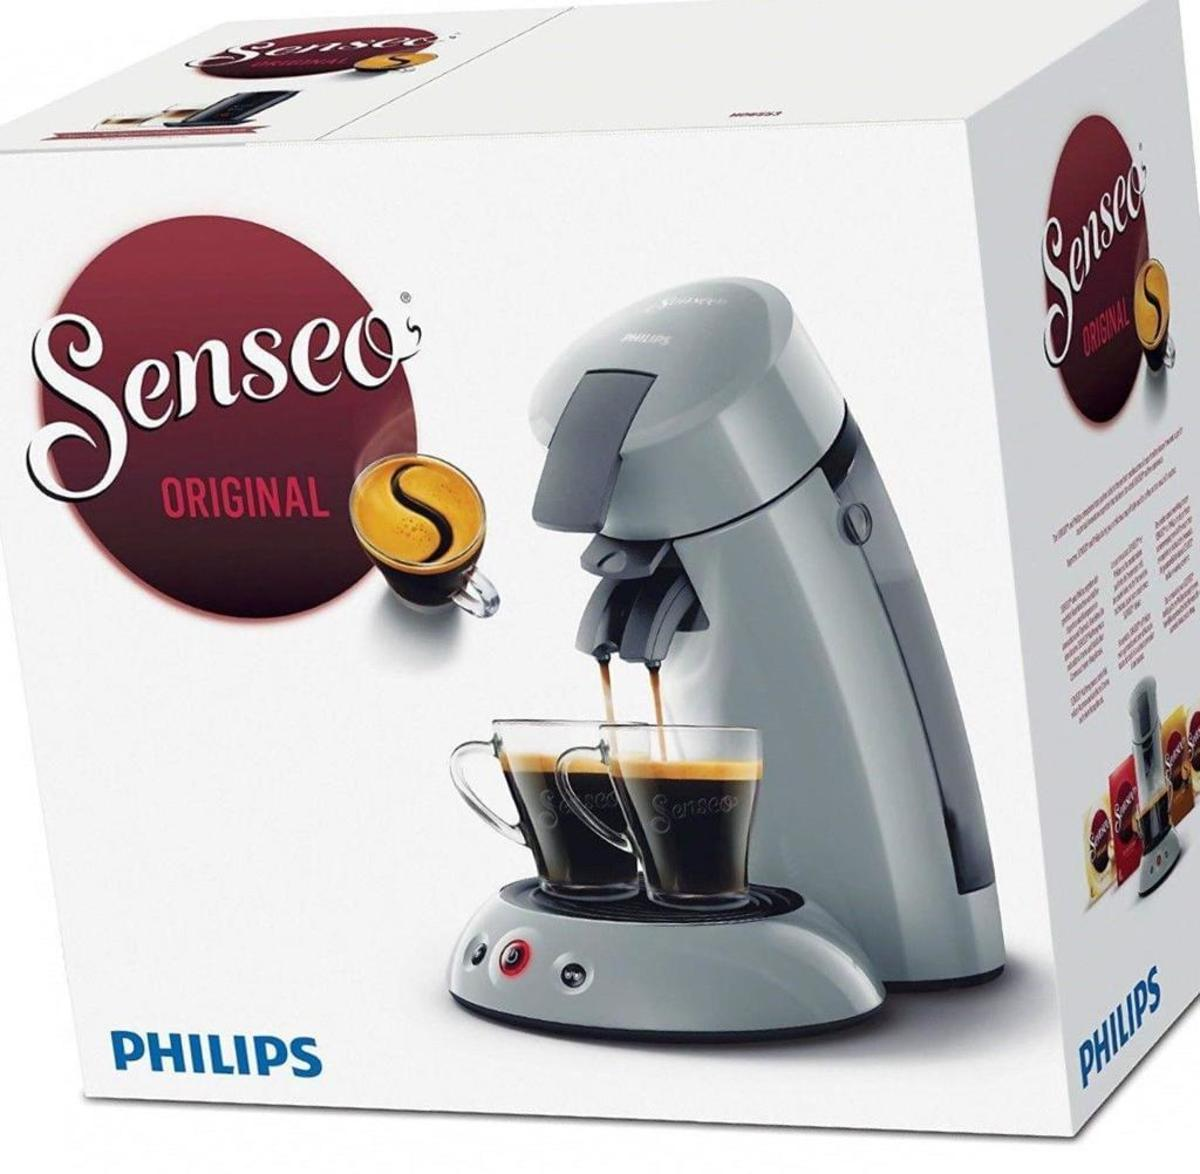 Bild 4 von Philips Senseo Kaffeepadmaschine HD 6553/XX Original, Farbe Hellgrau